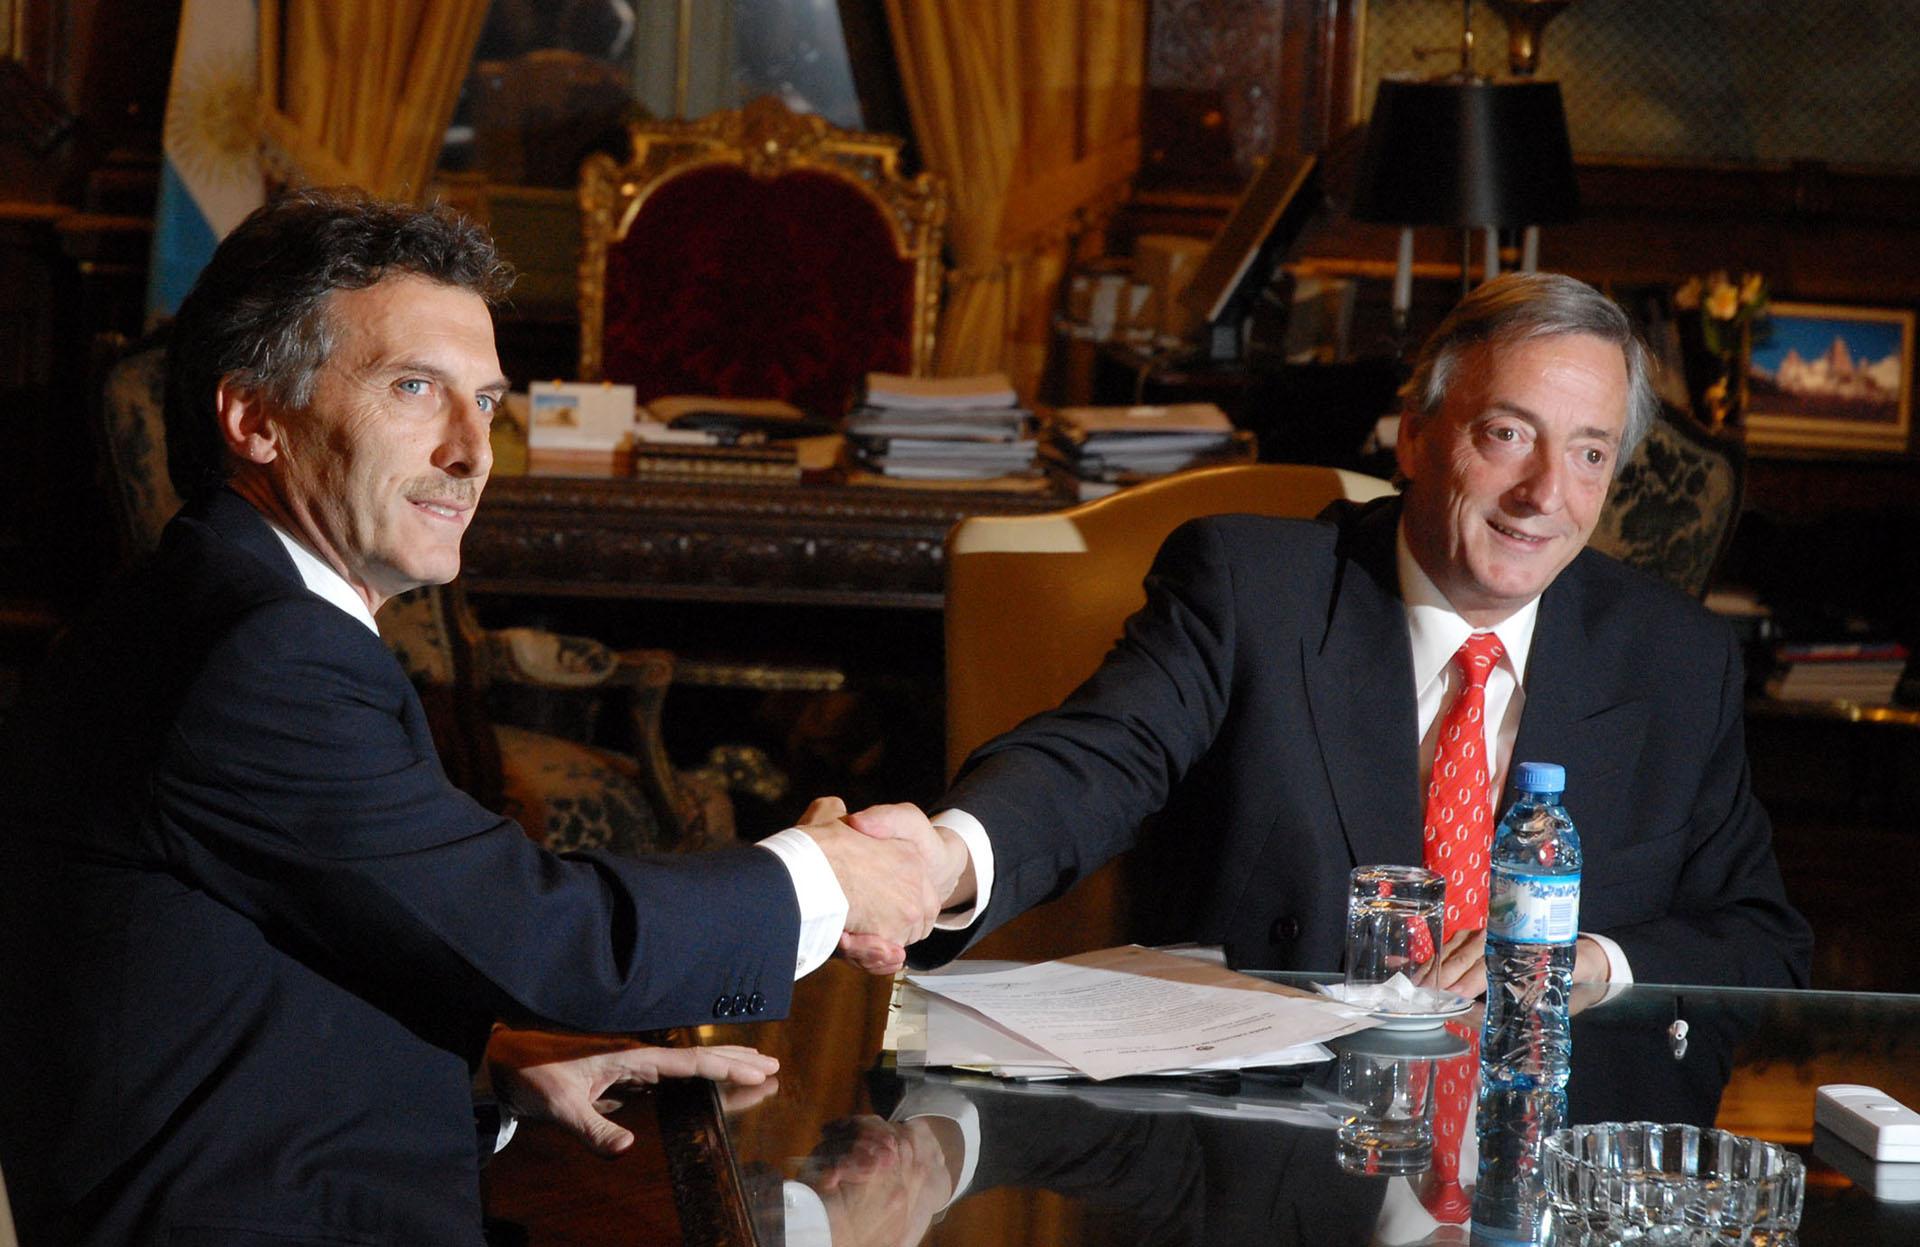 El presidente Néstor Kirchner recibe al Jefe de Gobierno electo, Mauricio Macri, en Casa de Gobierno.